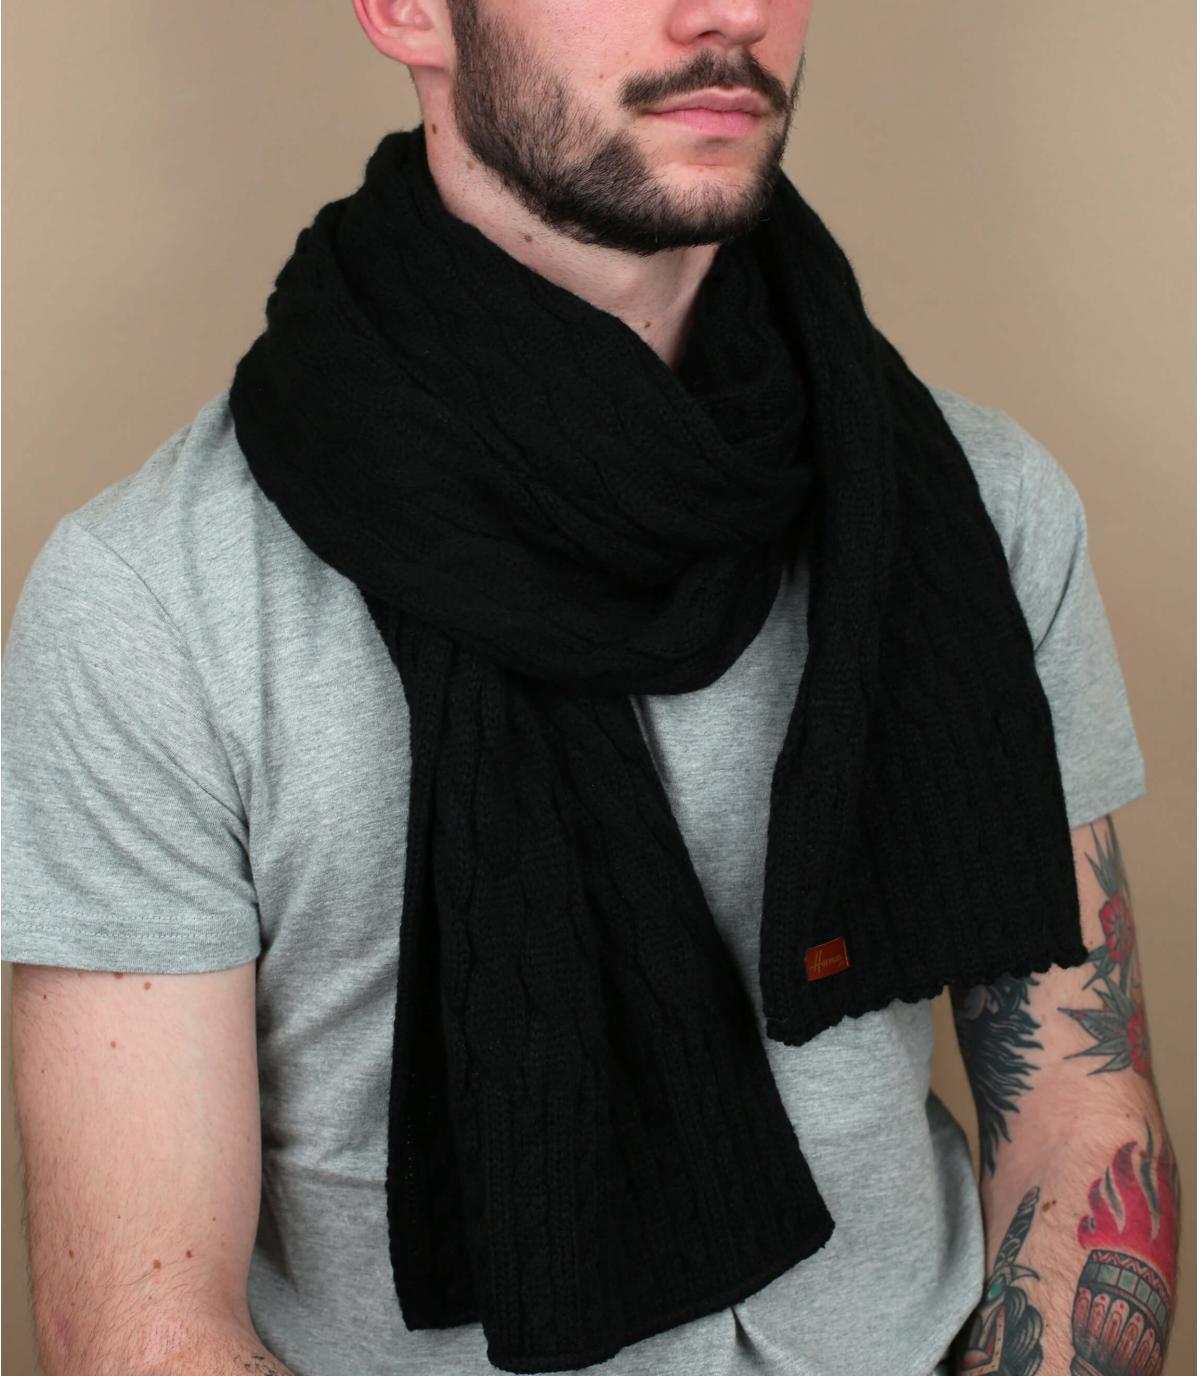 sciarpa nera attorcigliata